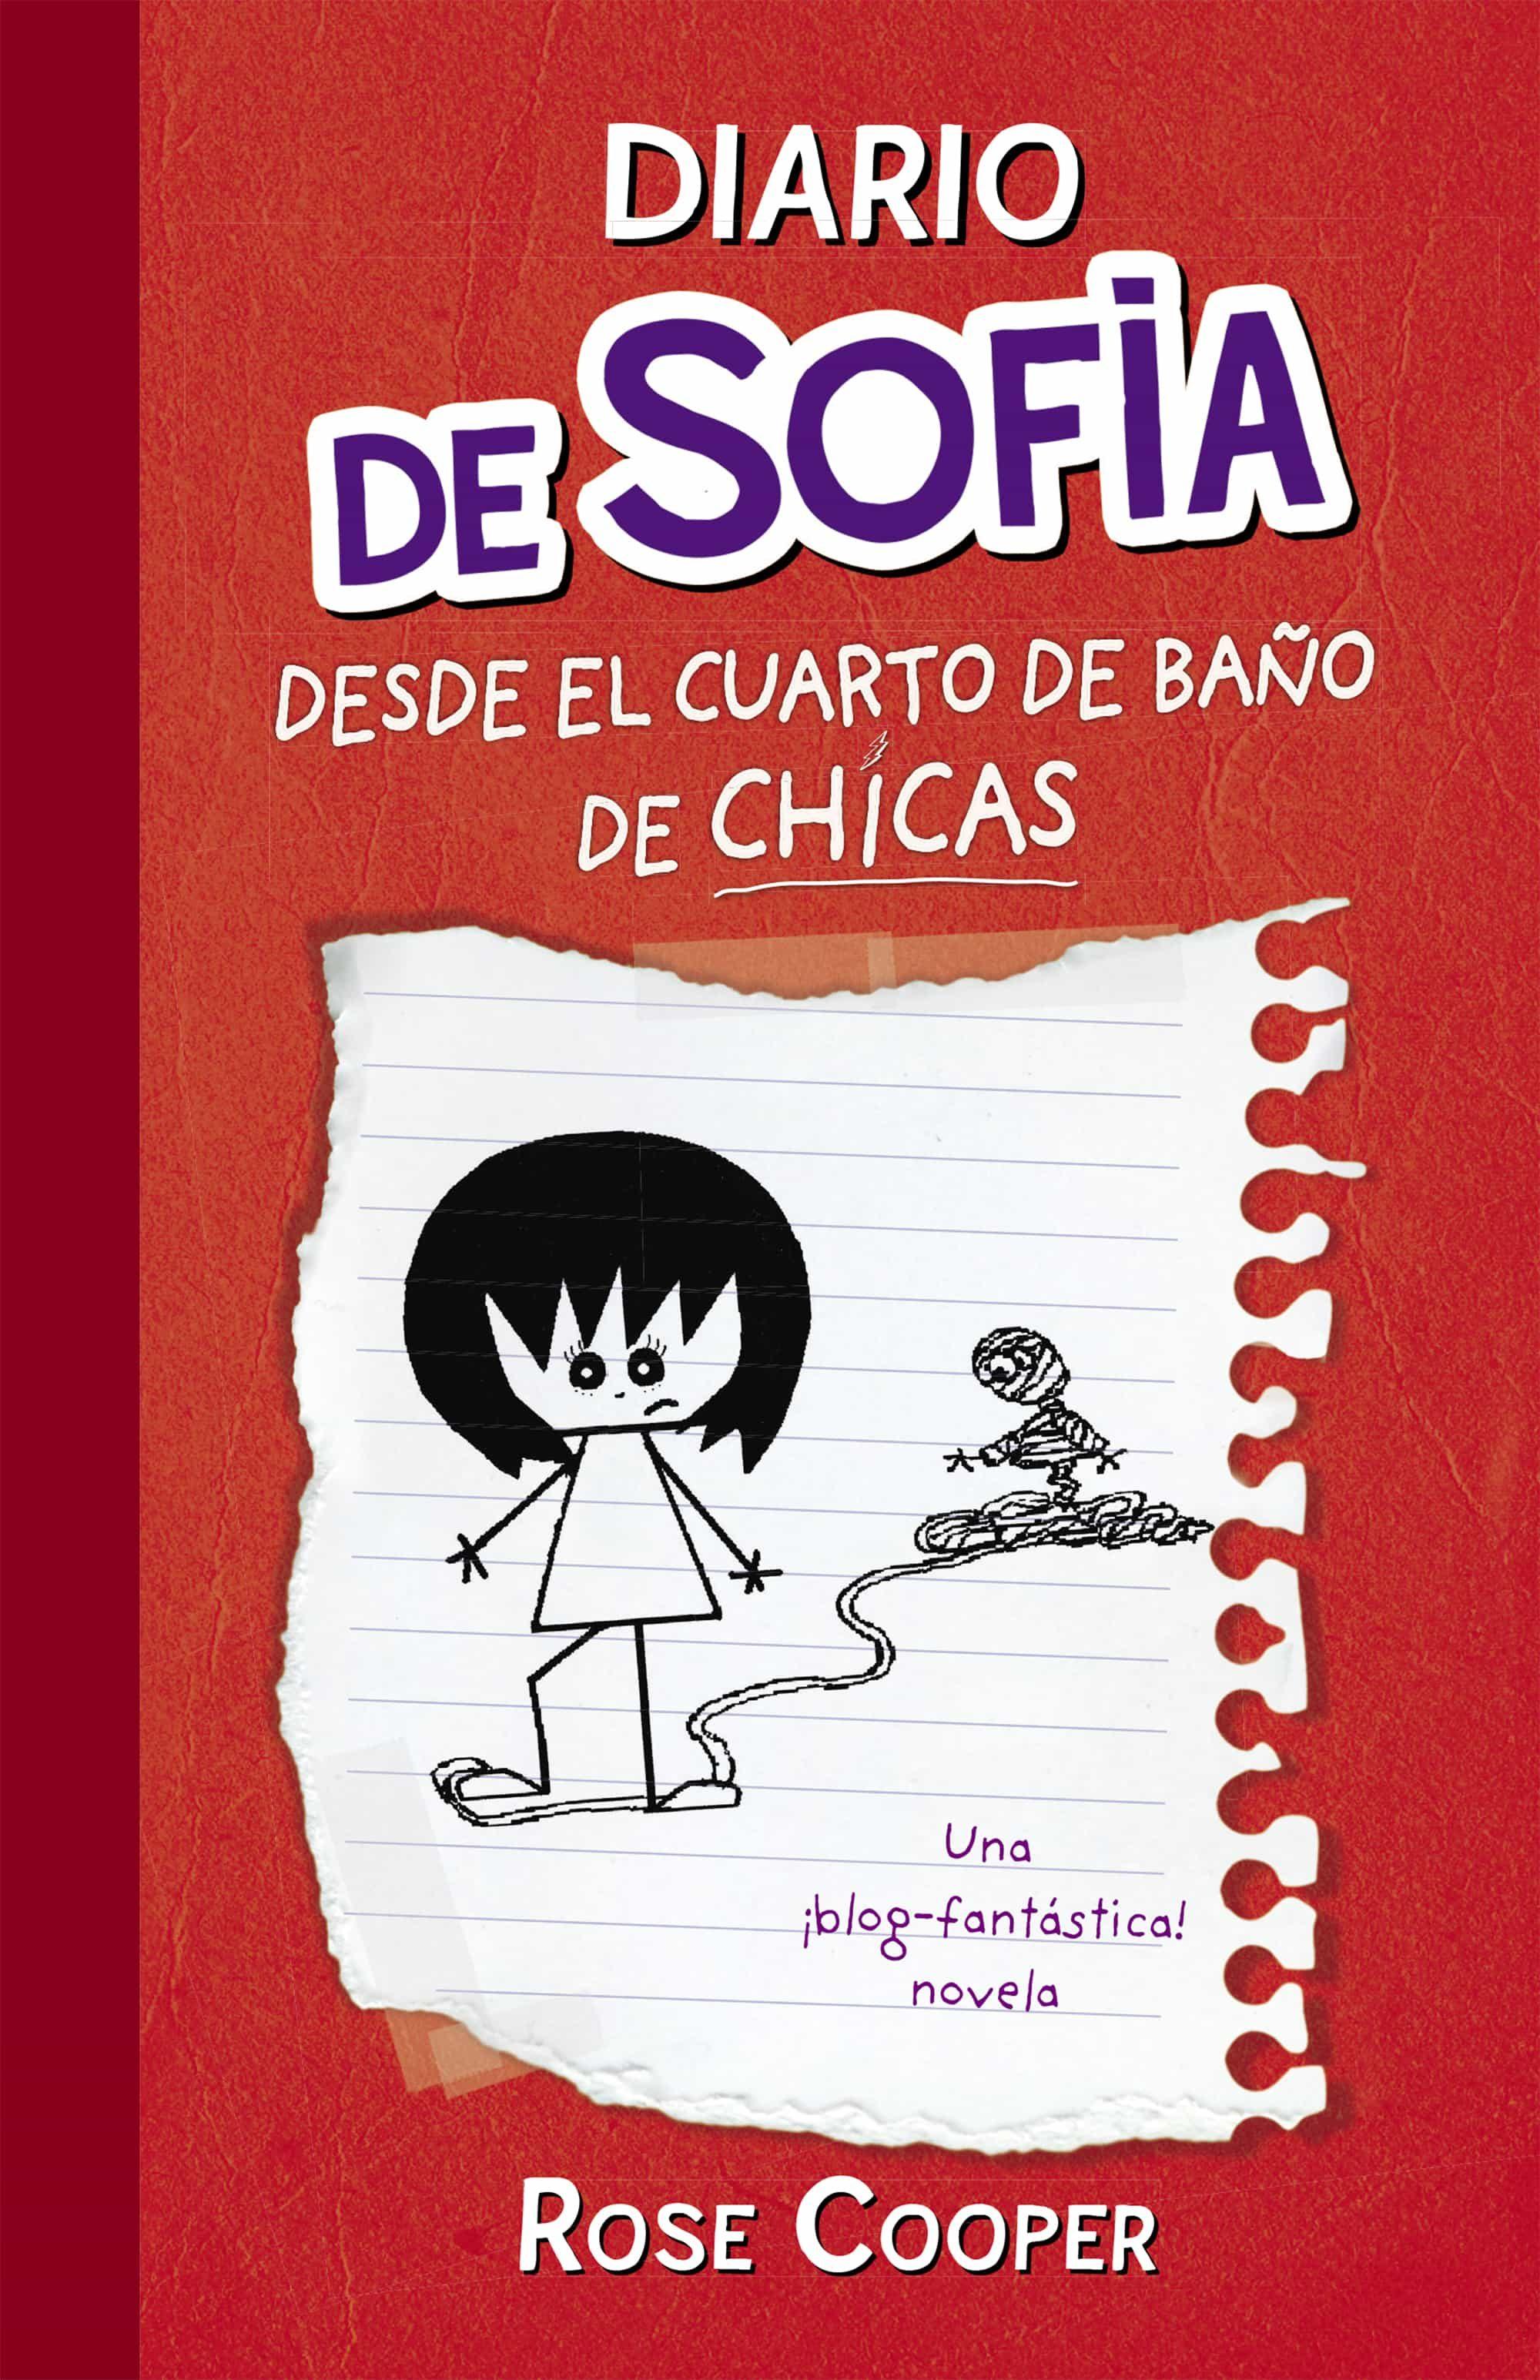 Diario De Sofía Desde El Cuarto De Baño De Chicas (Serie ... - photo#1